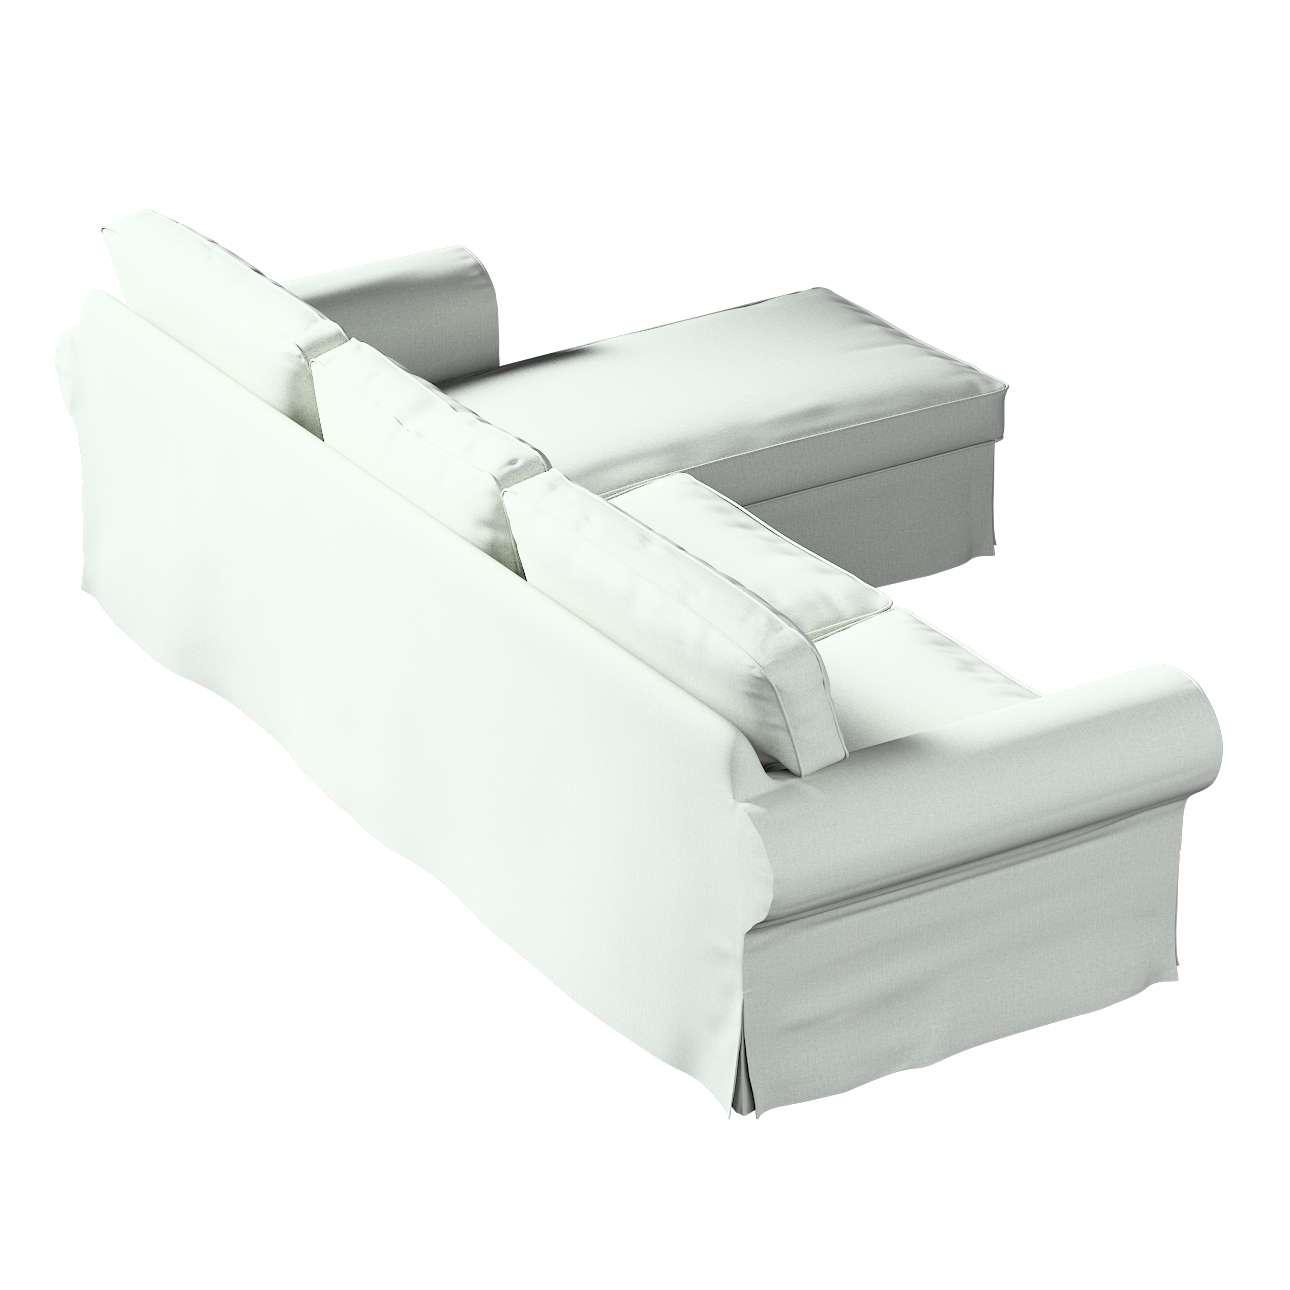 Bezug für Ektorp 2-Sitzer Sofa mit Recamiere von der Kollektion Living, Stoff: 161-41